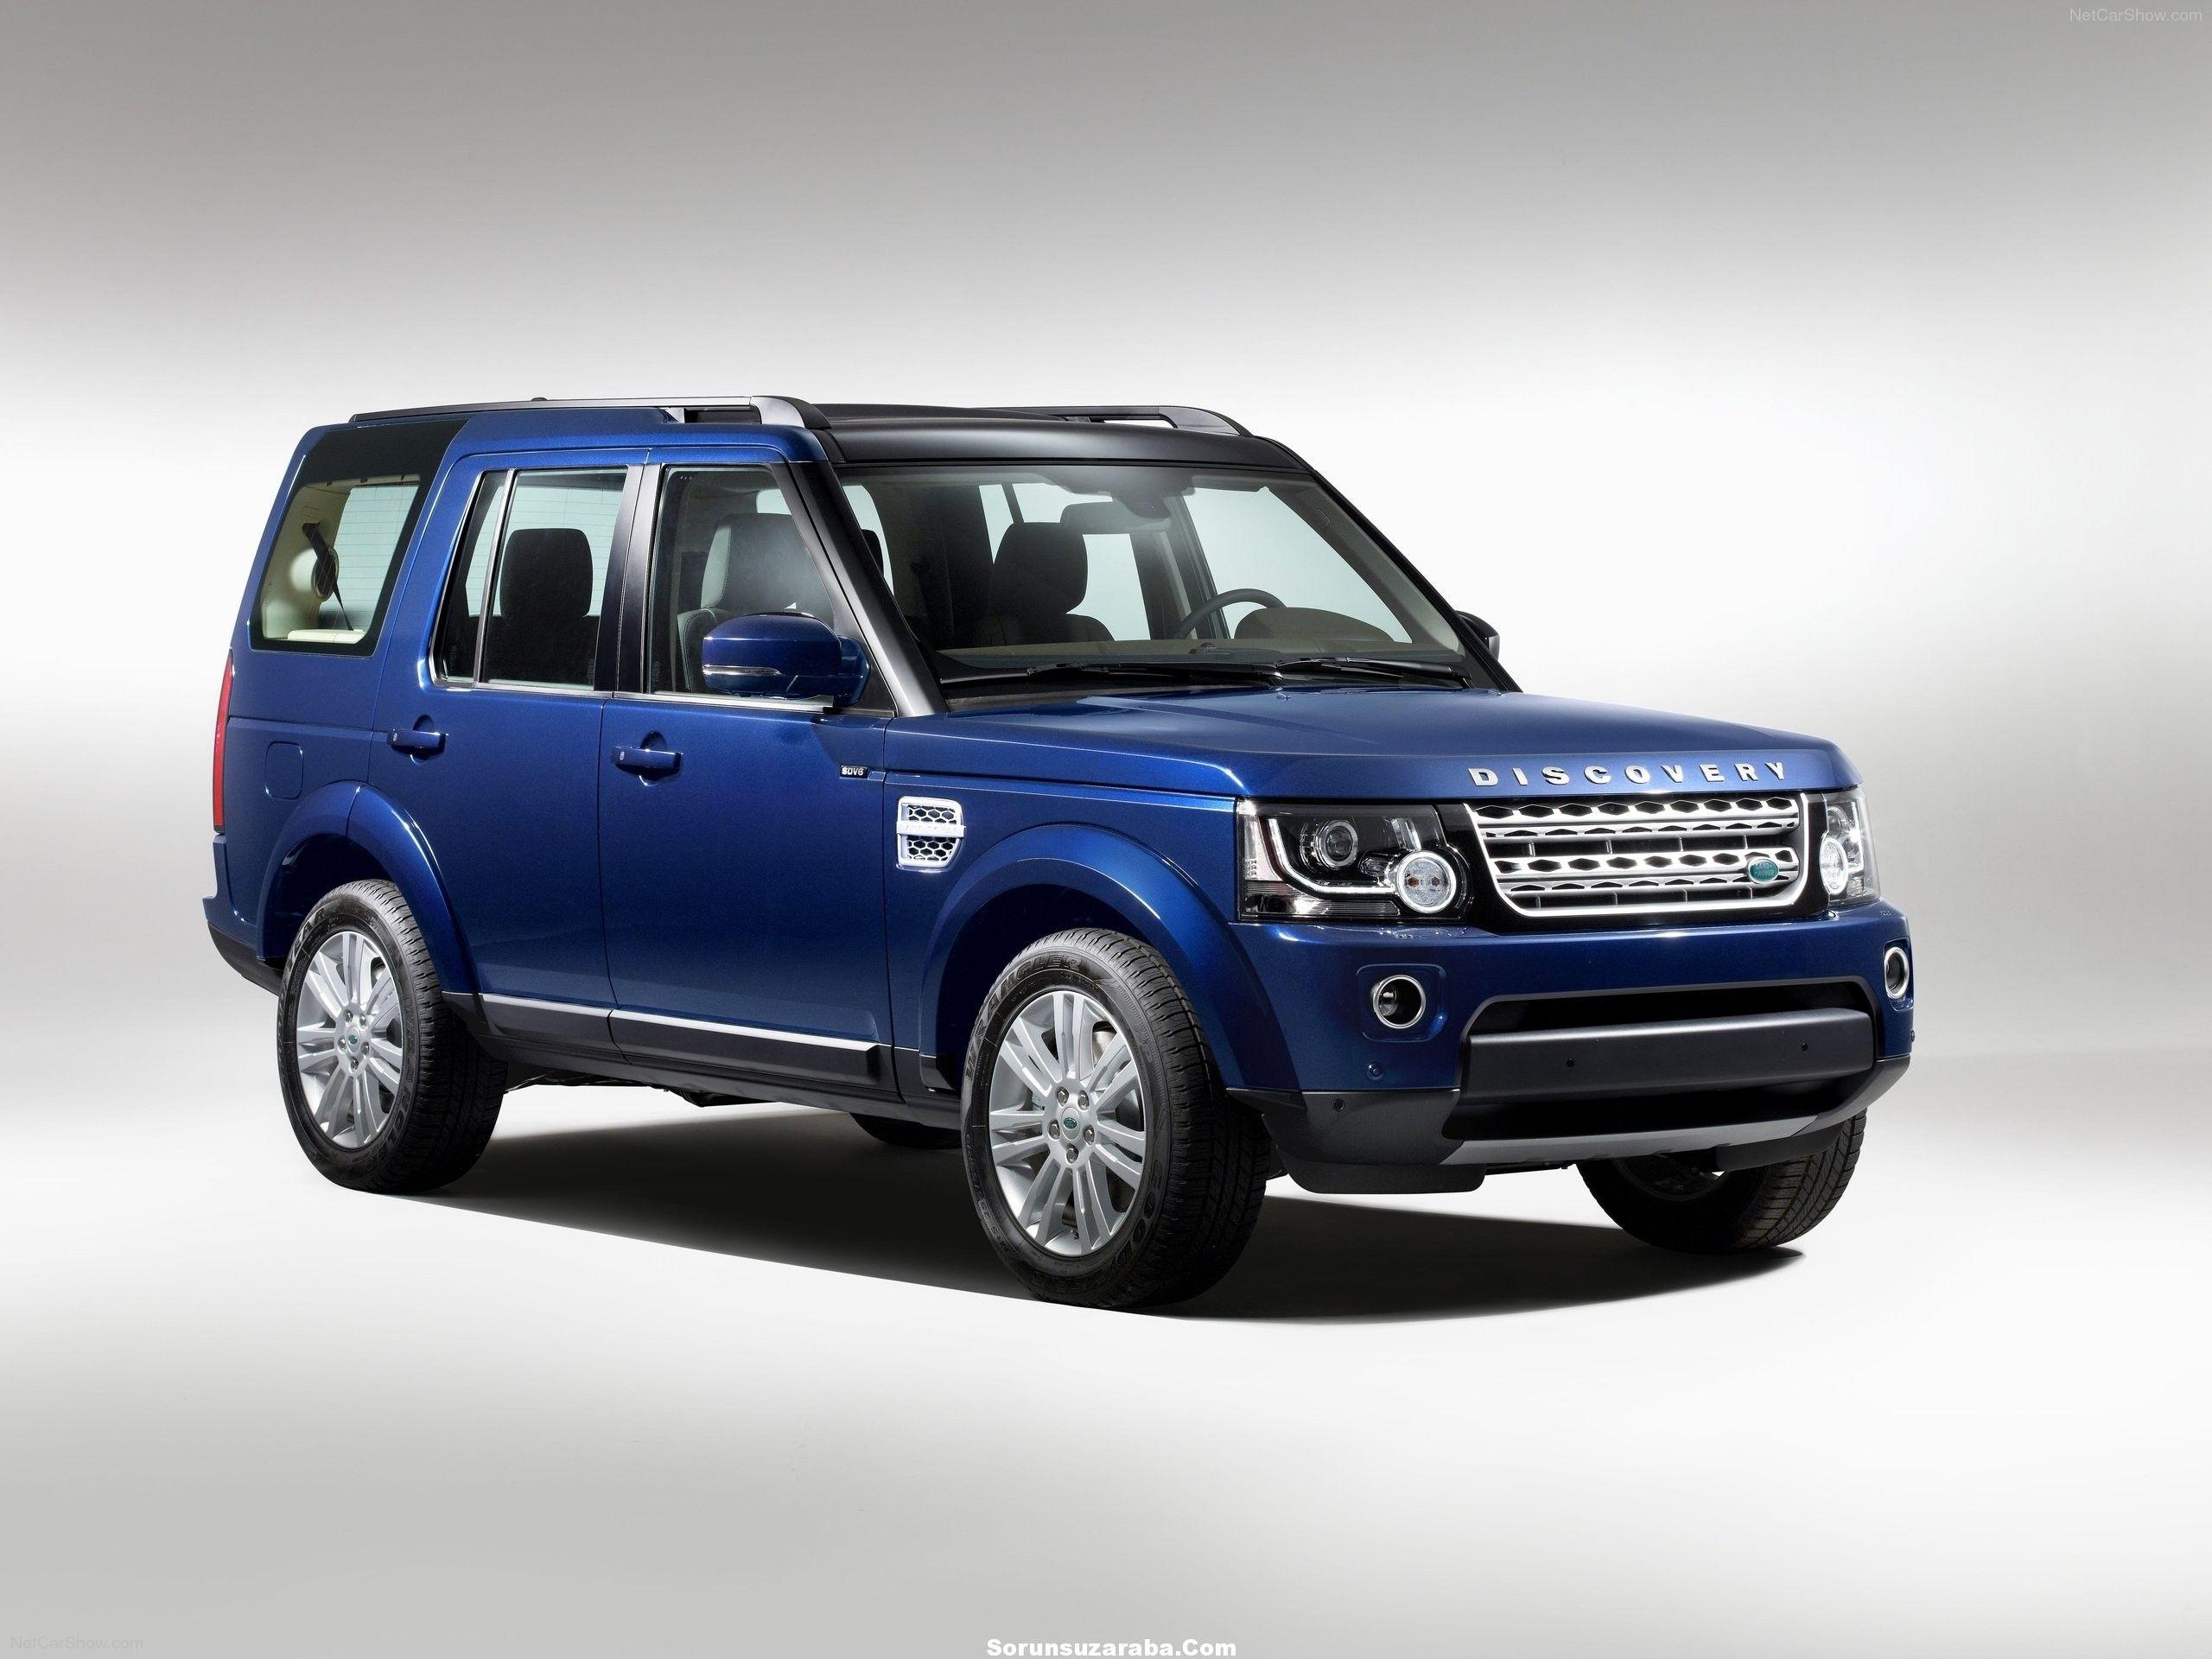 2014 Land Rover Discovery Land Rover Discovery Araba Arabalar